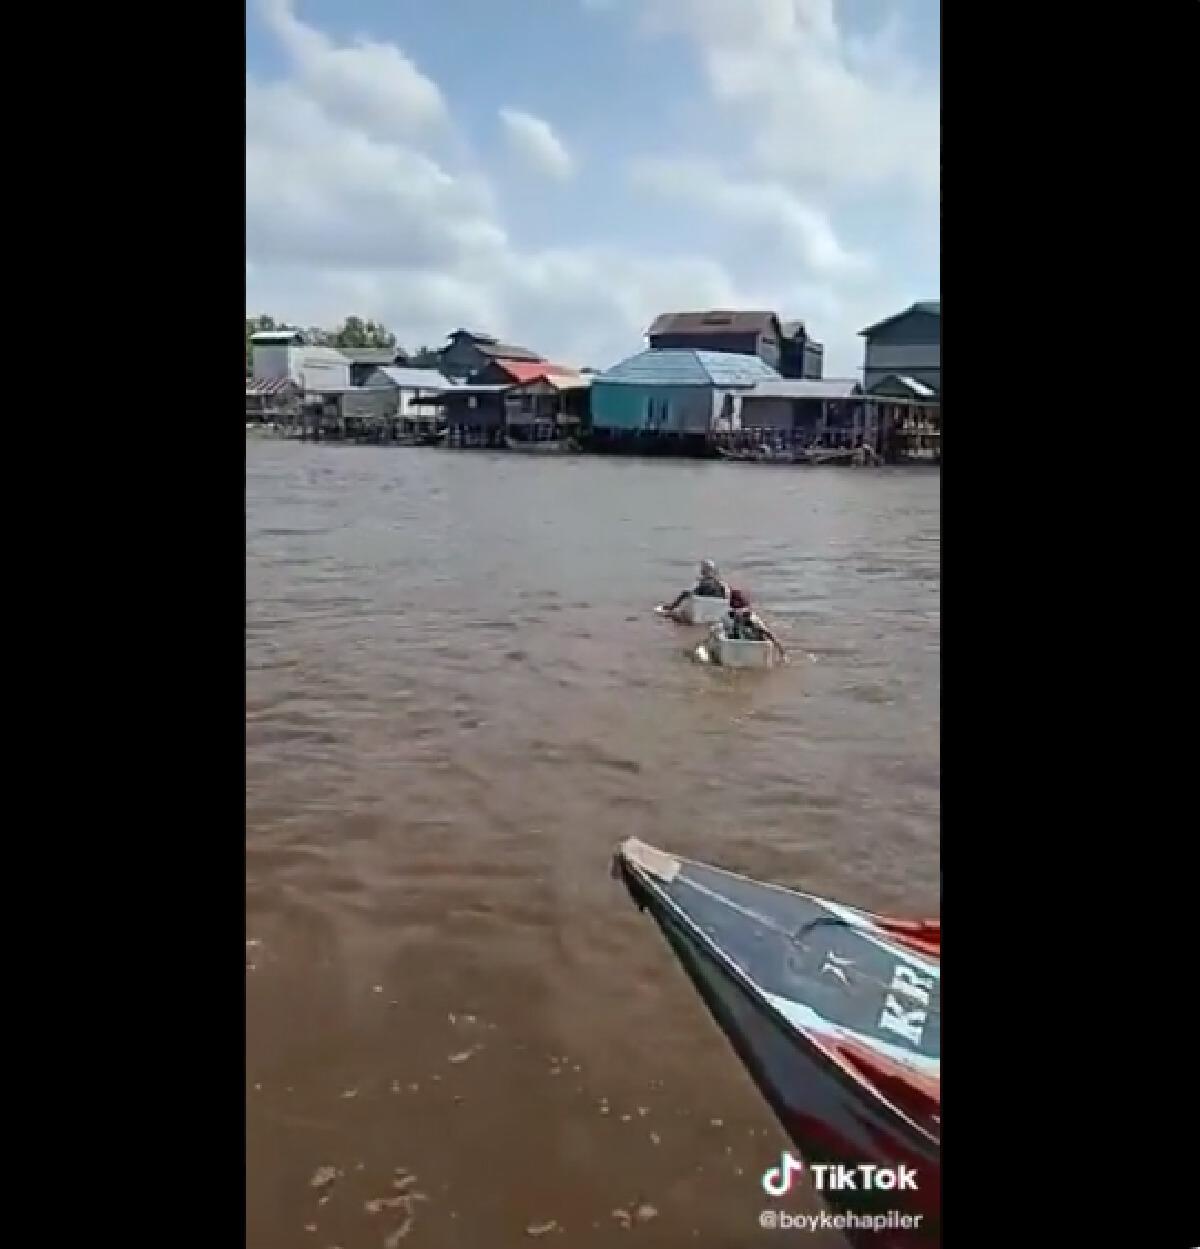 """คลิปไวรัล """"เด็กนักเรียน"""" ใช้ กล่องโฟม แทน เรือ จ้ำพายข้ามแม่น้ำกลับบ้าน"""